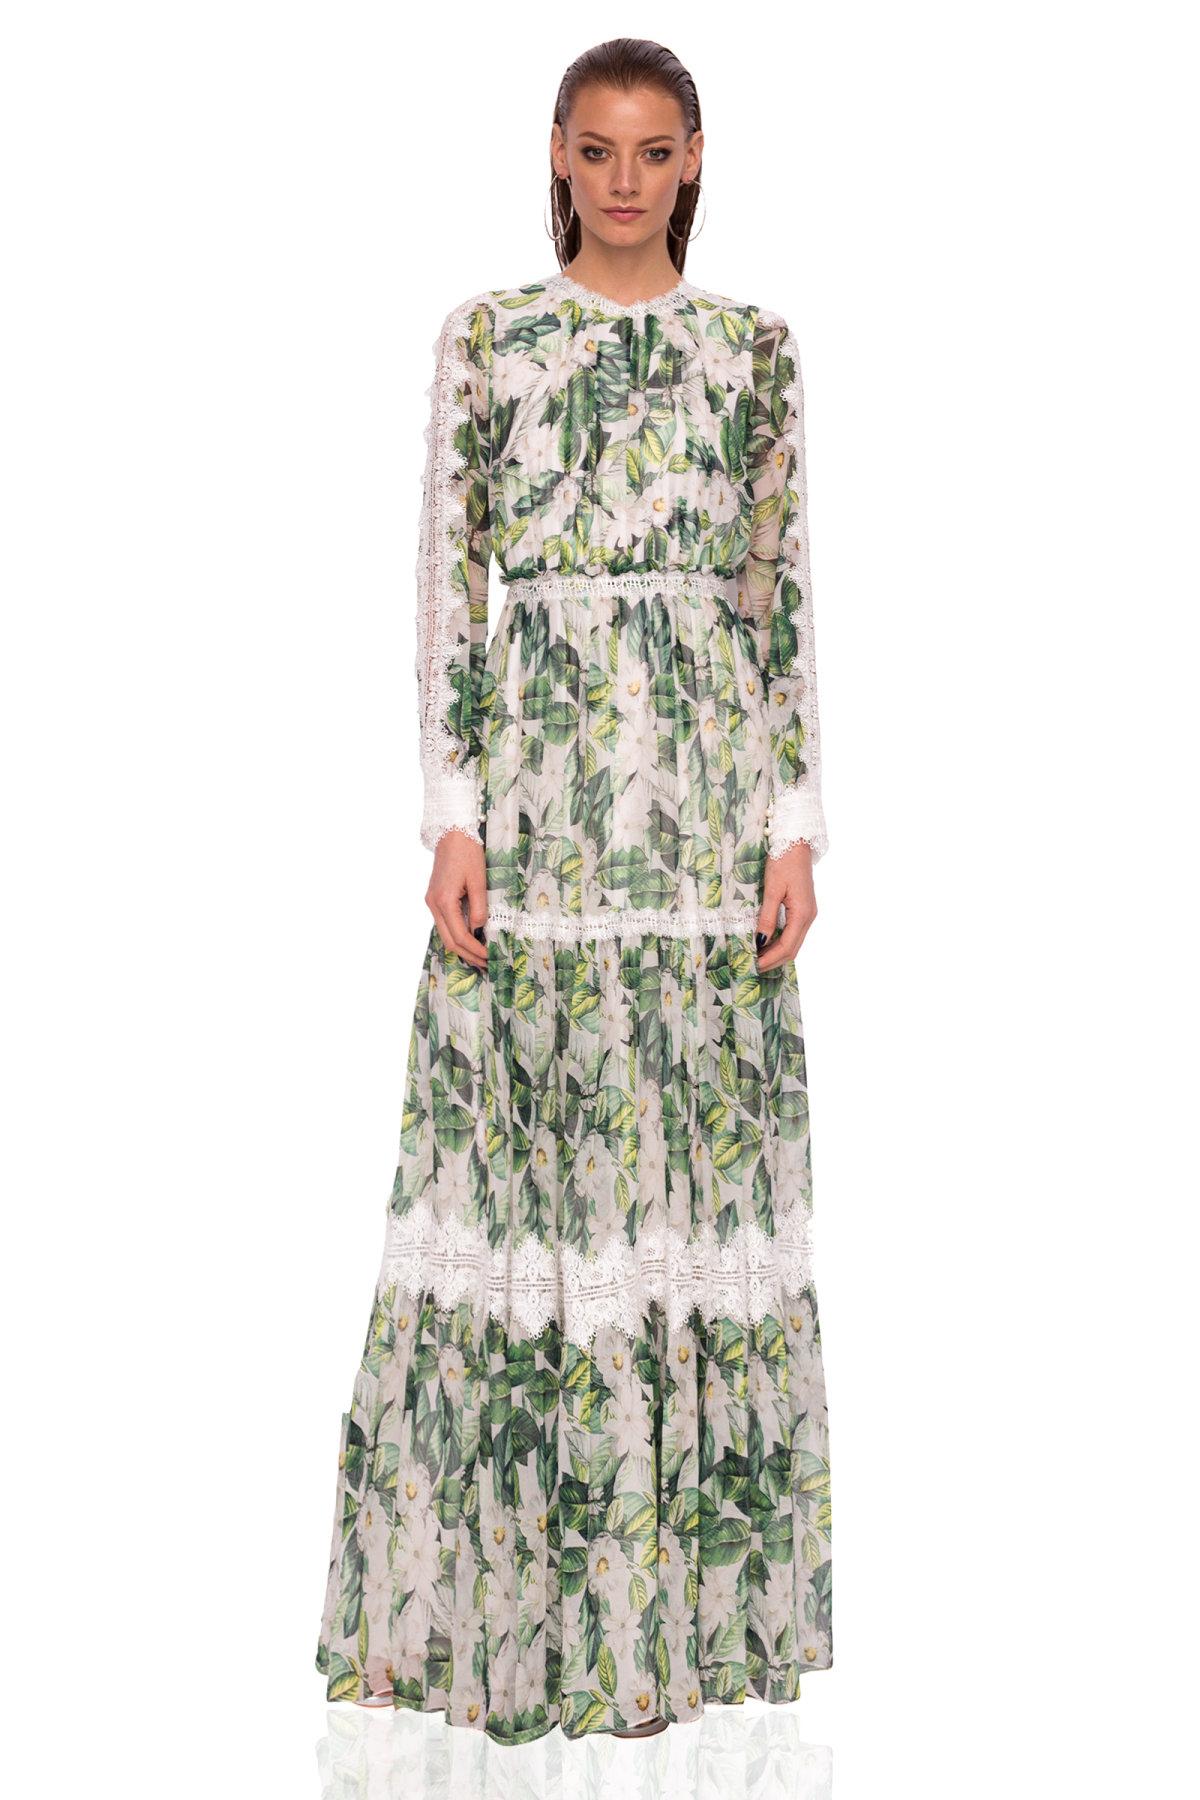 5026023a948c Jedwabna sukienka maxi z koronkowym detalem